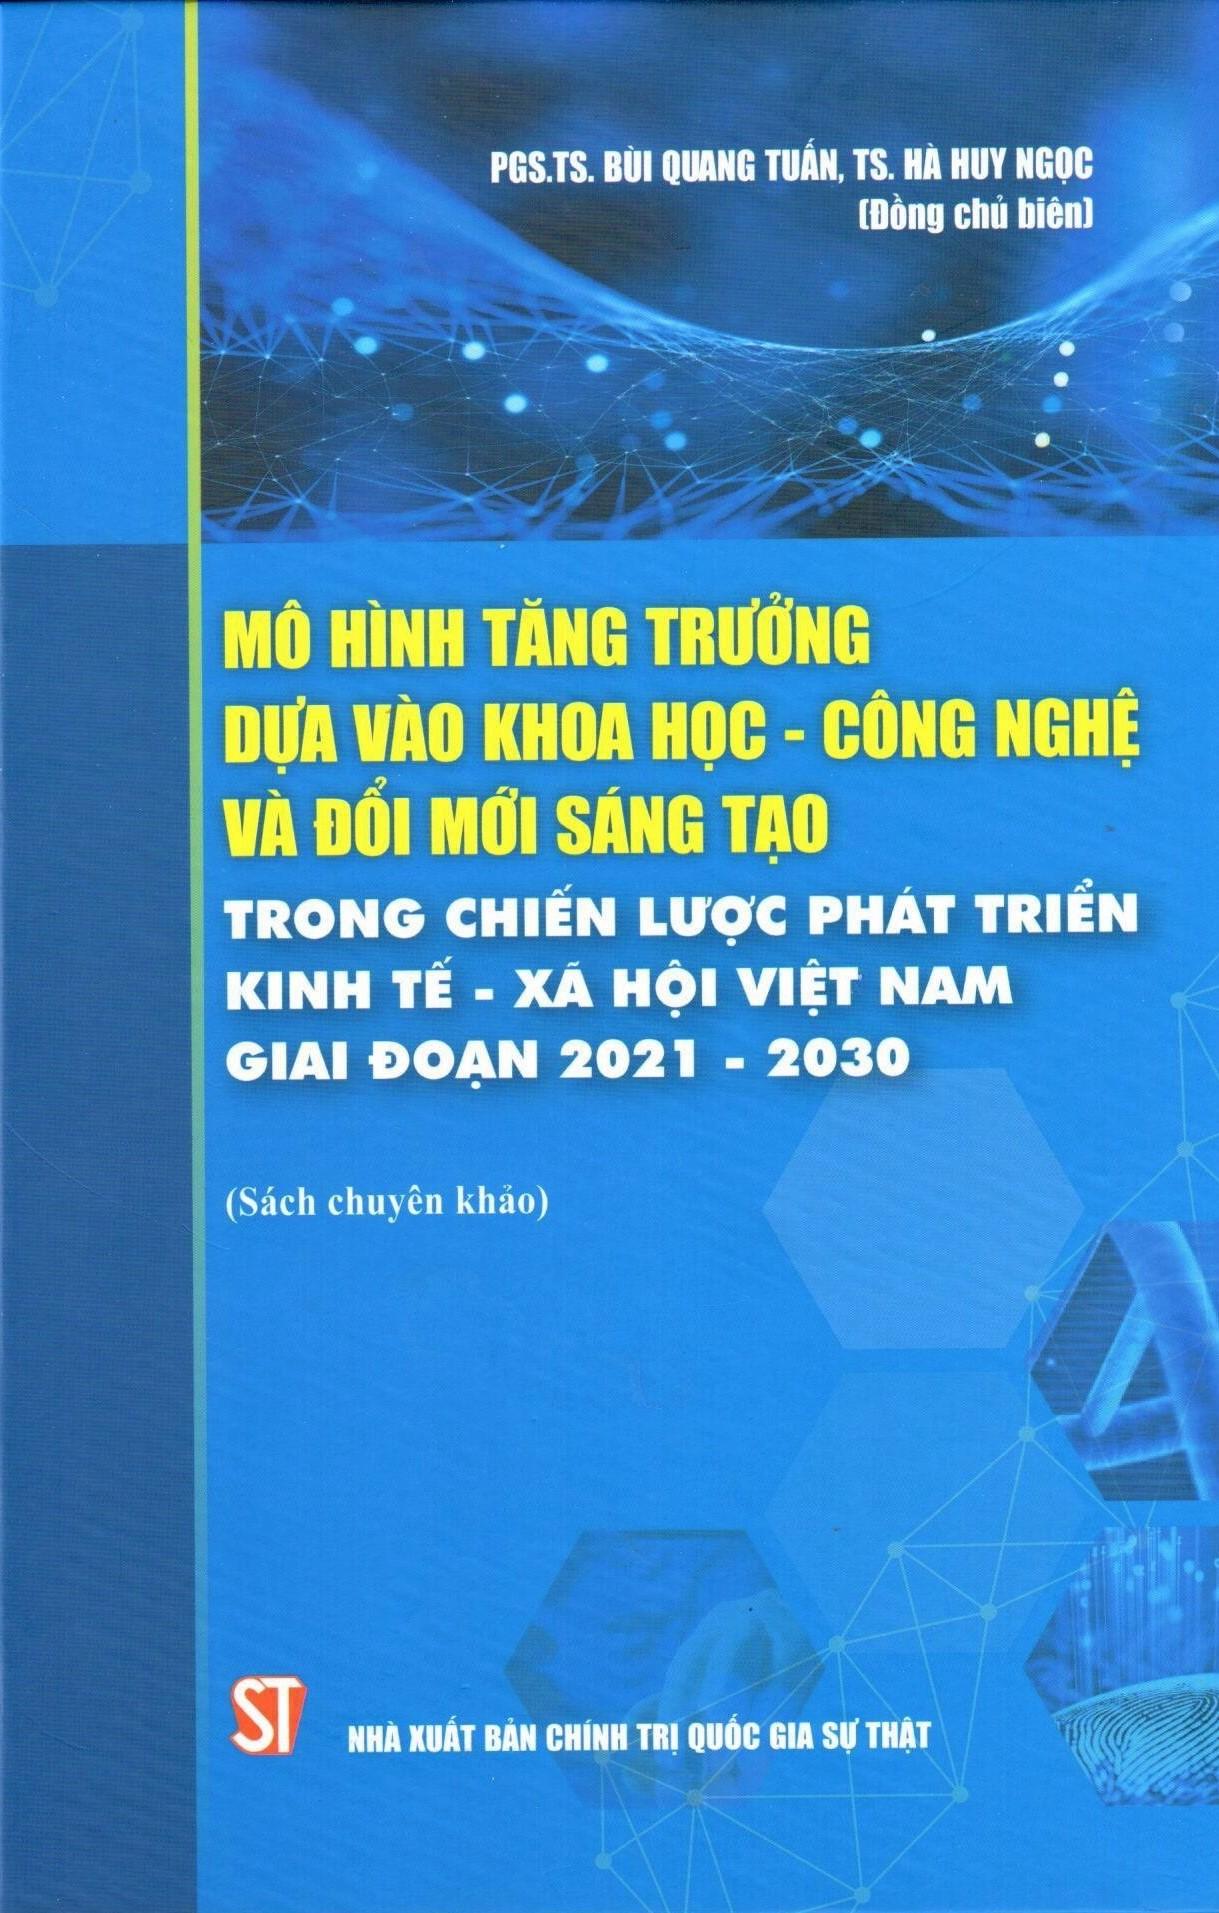 Mô hình tăng trưởng dựa vào khoa học - công nghệ và đổi mới sáng tạo trong chiến lược phát triển kinh tế - xã hội Việt Nam giai đoạn 2021 - 2030 (Sách chuyên khảo)